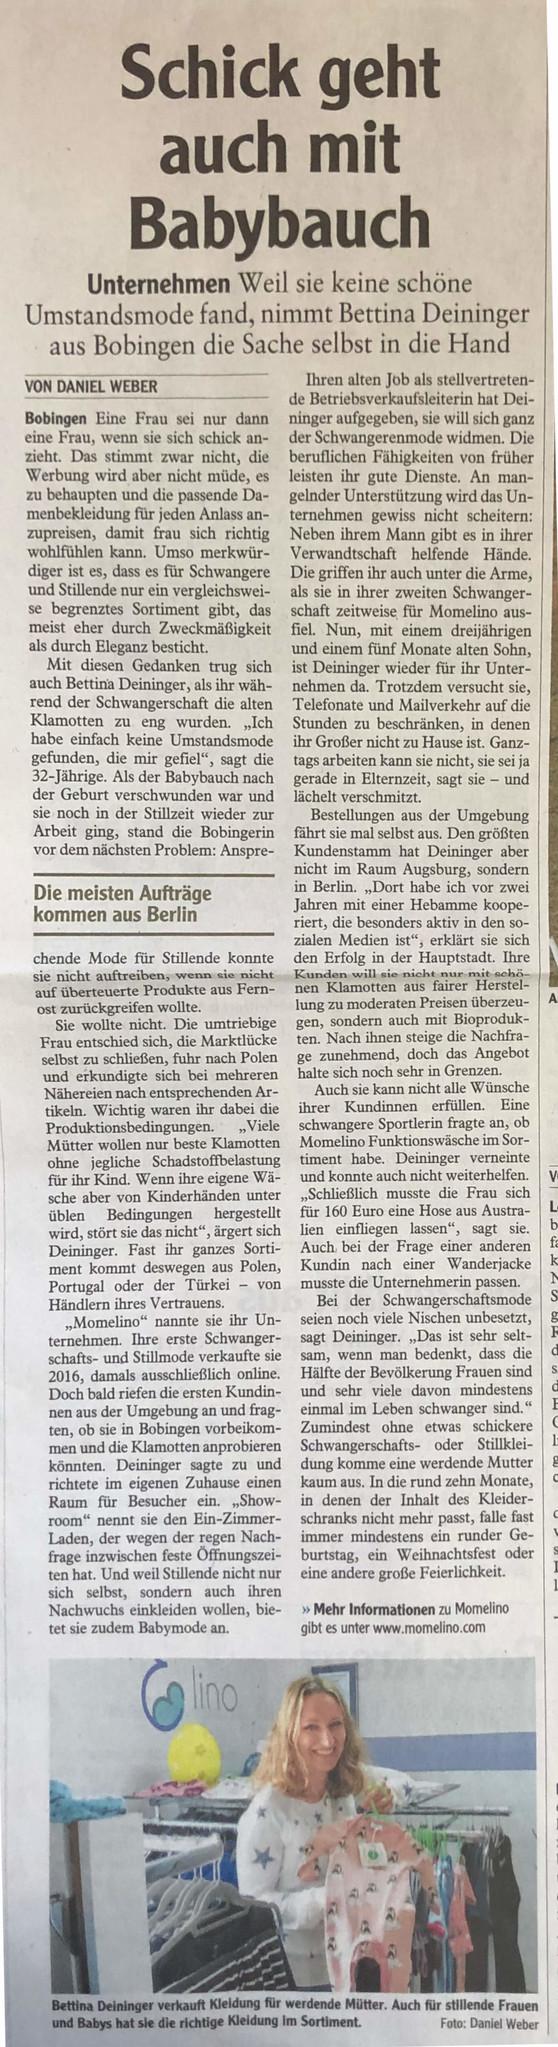 Artikel momelino Schwabmünchner Allgemeine